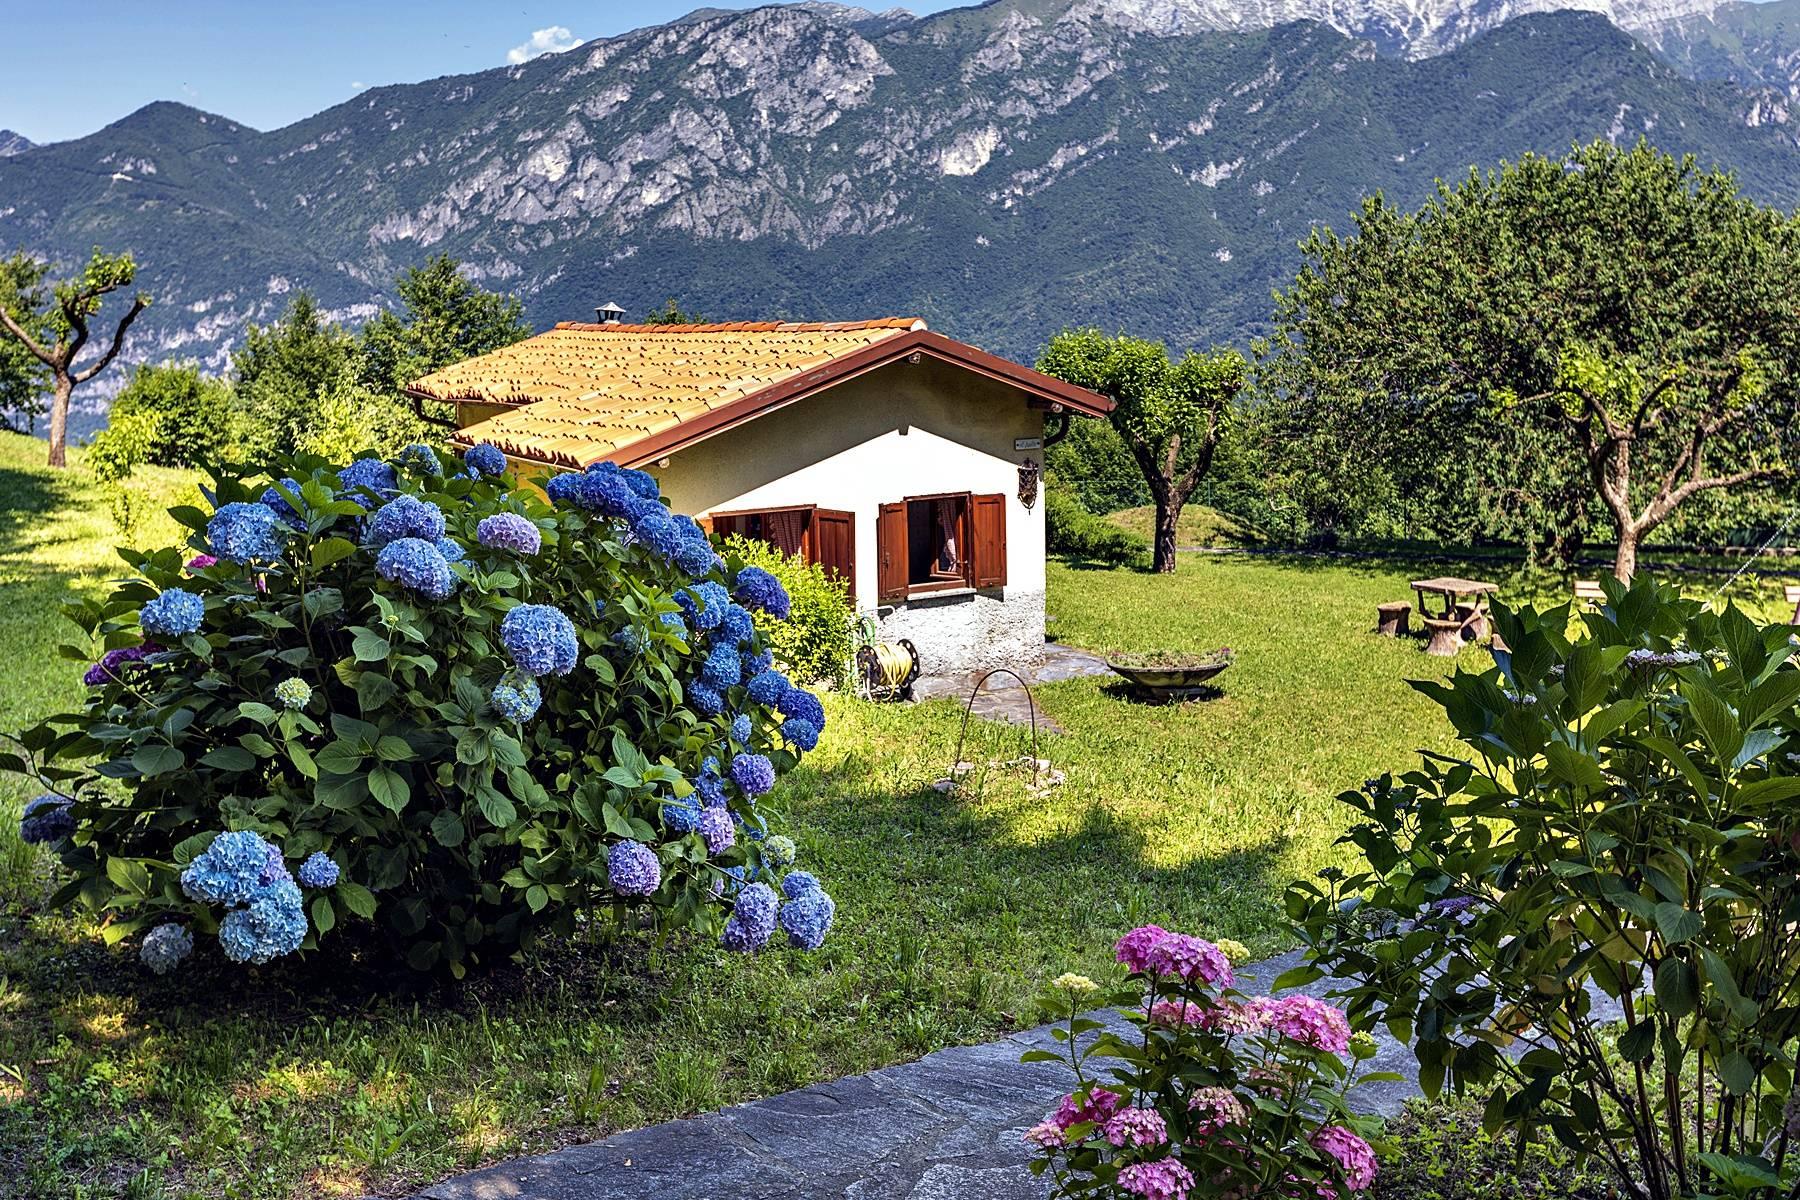 Villa in Vendita a Civenna: 5 locali, 278 mq - Foto 21